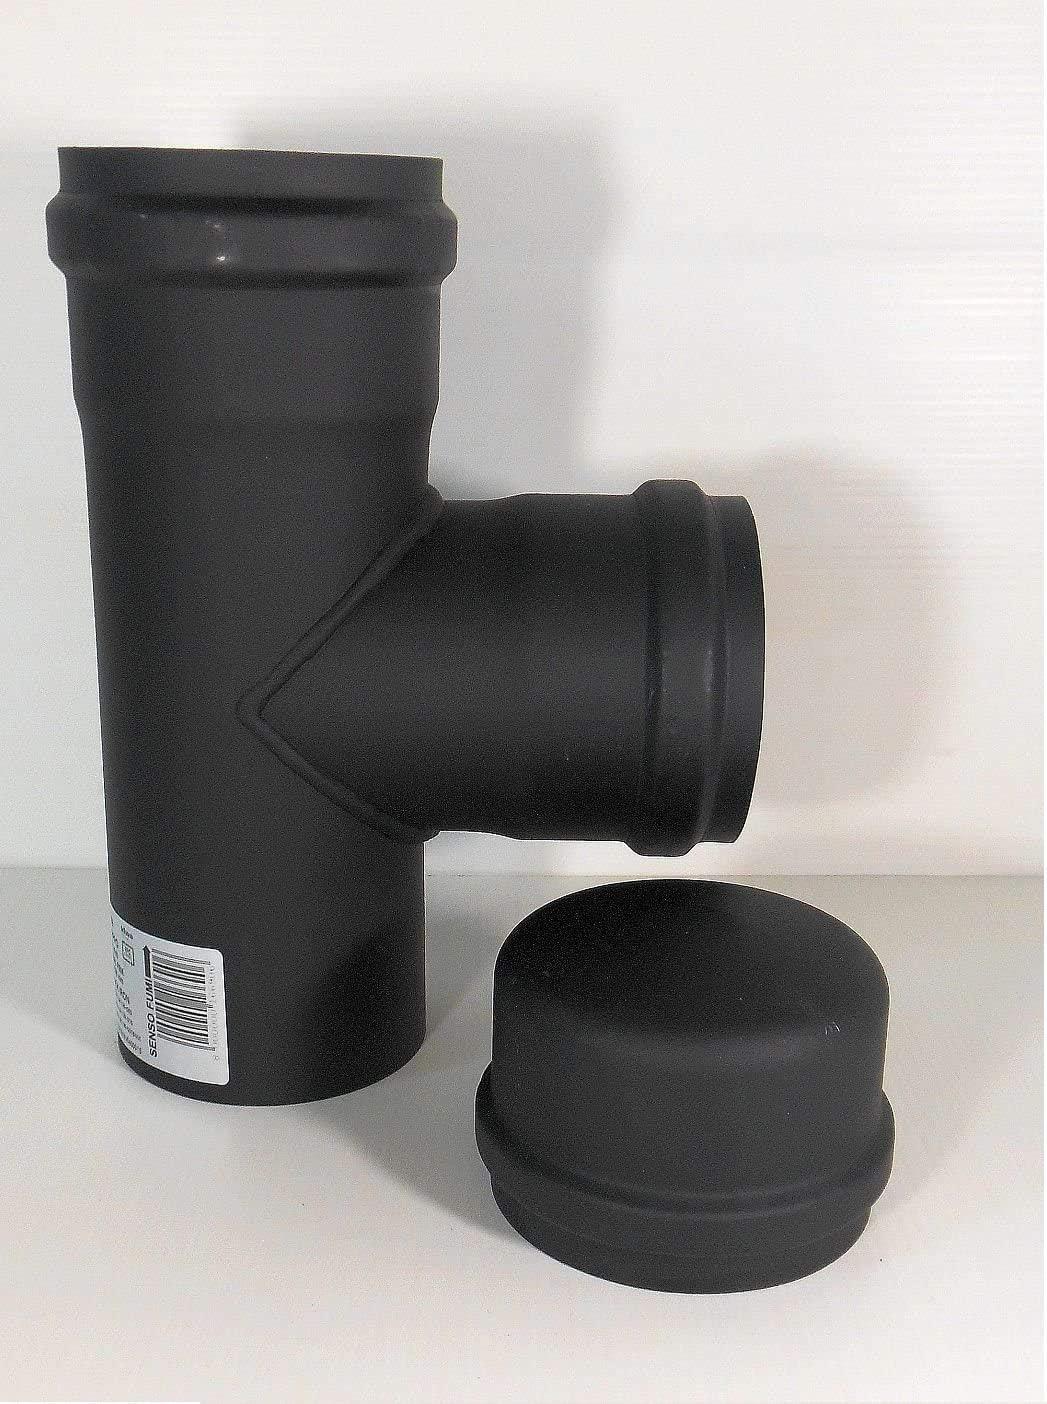 Empalme en T para conductos de  evacuación de gases - Diámetro de 80mm - Para estufa de pellets, chimenea